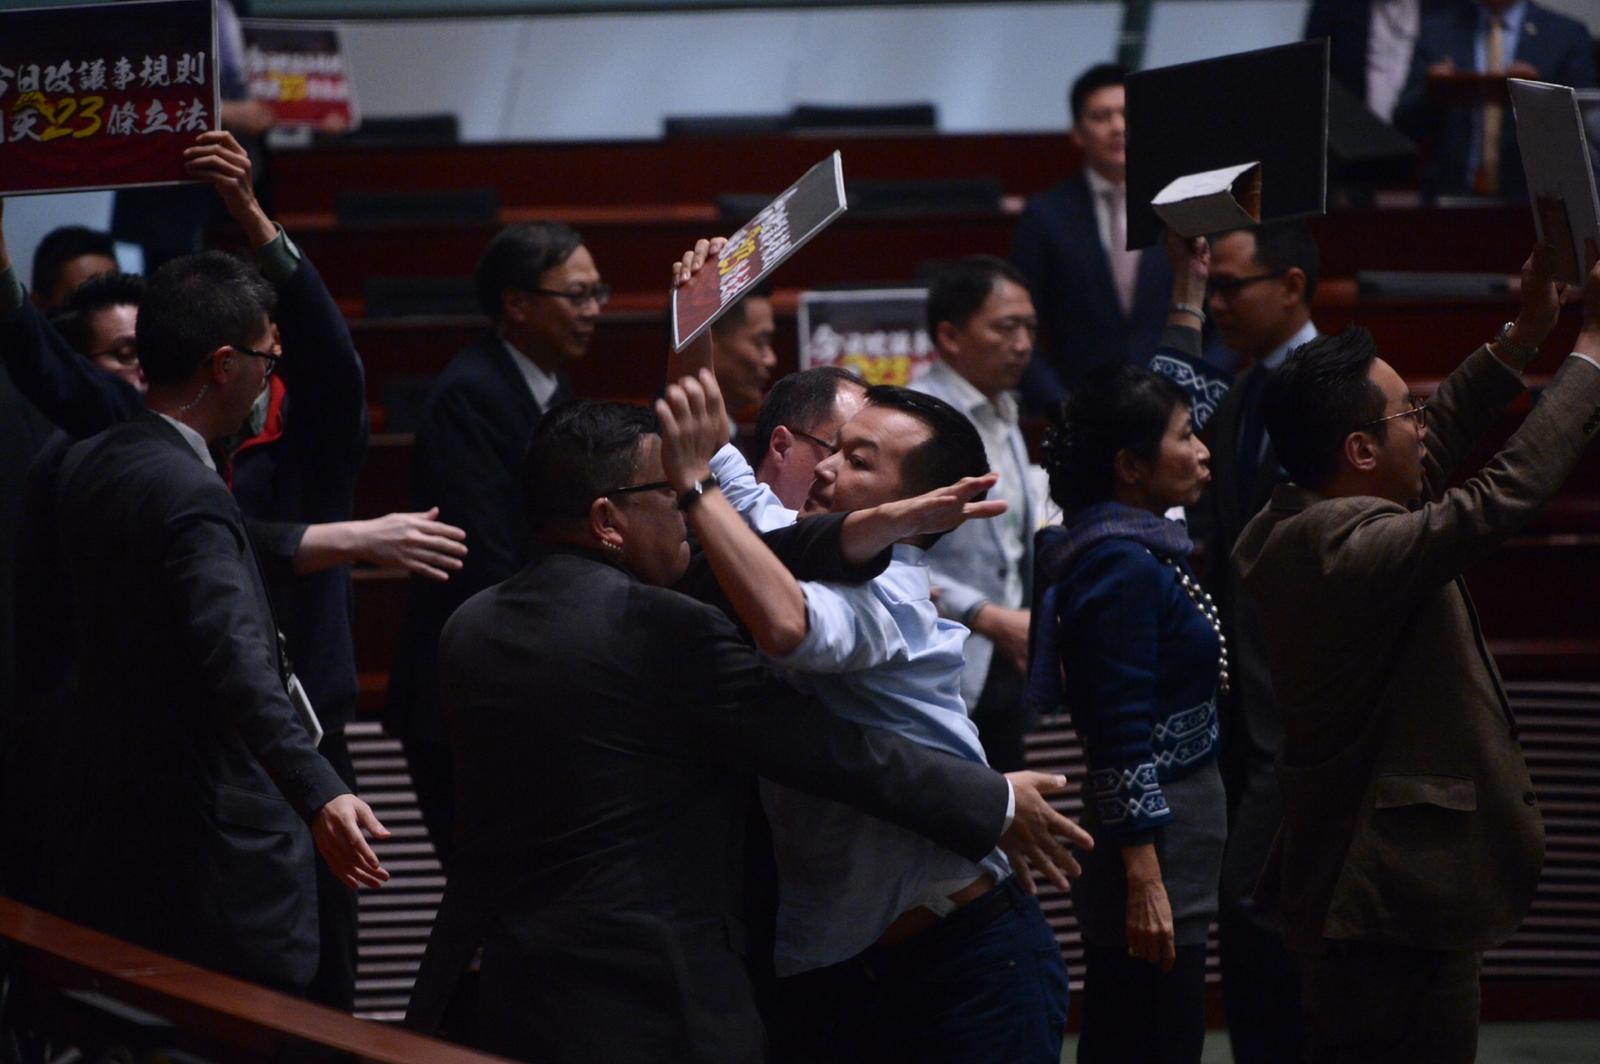 民主派議員衝向主席台示威,被保安阻止。